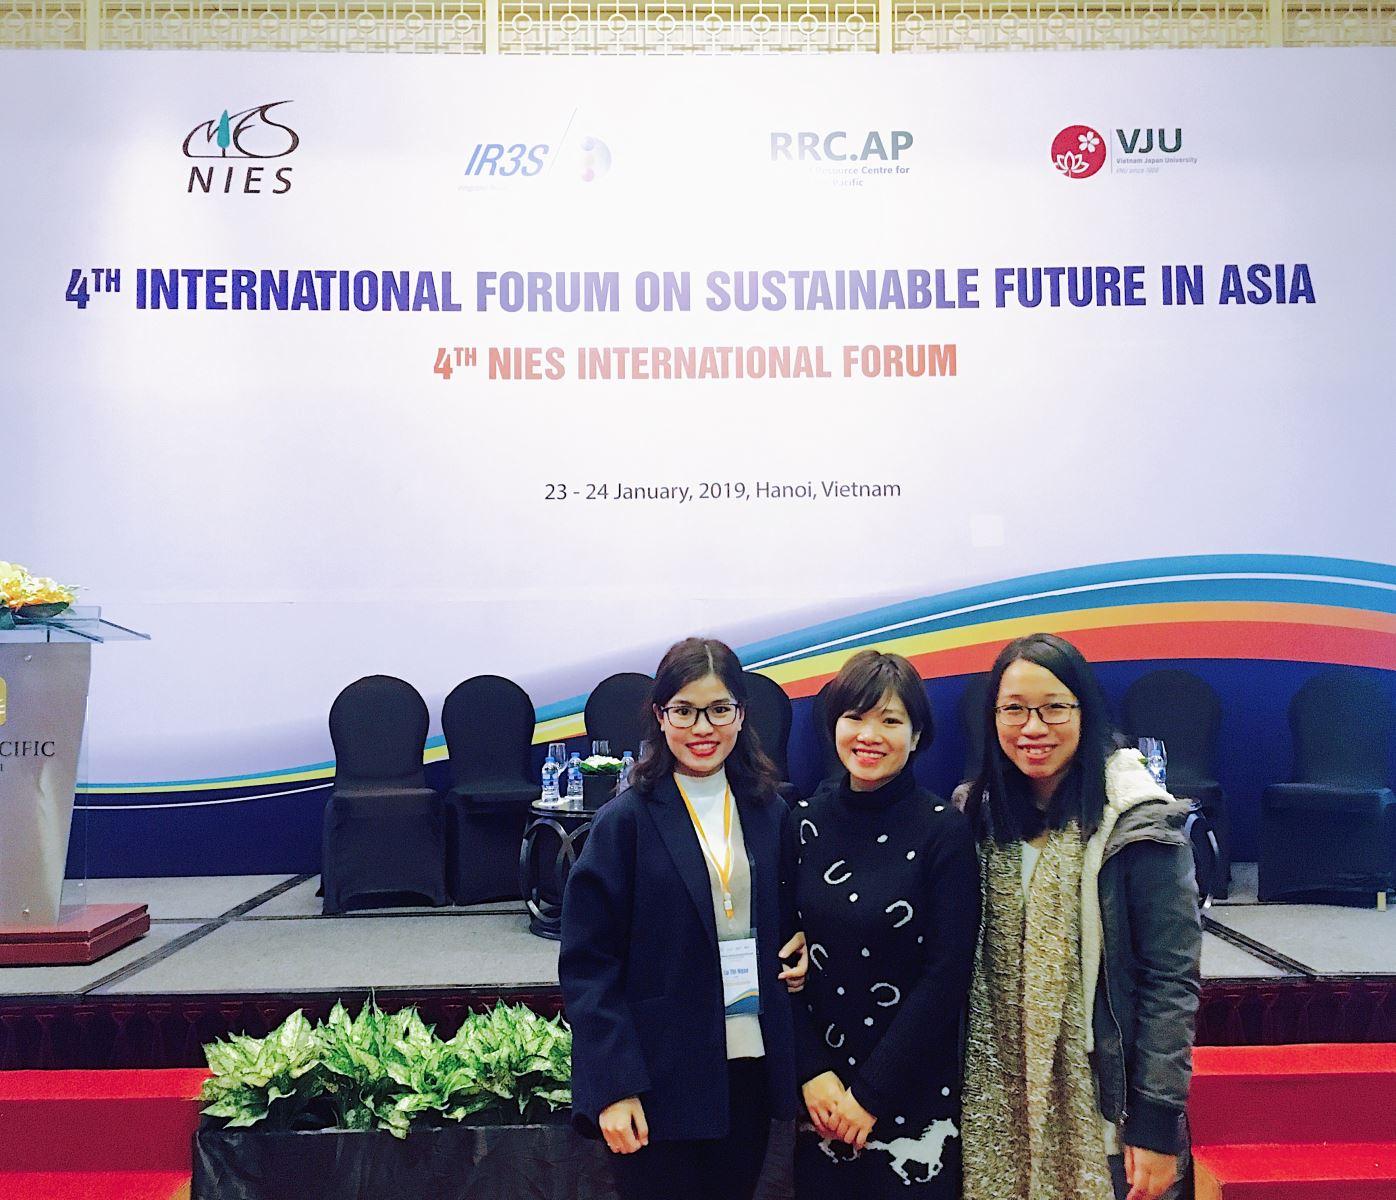 Diễn đàn quốc tế lần thứ 4 về Tương lai bền vững tại châu Á